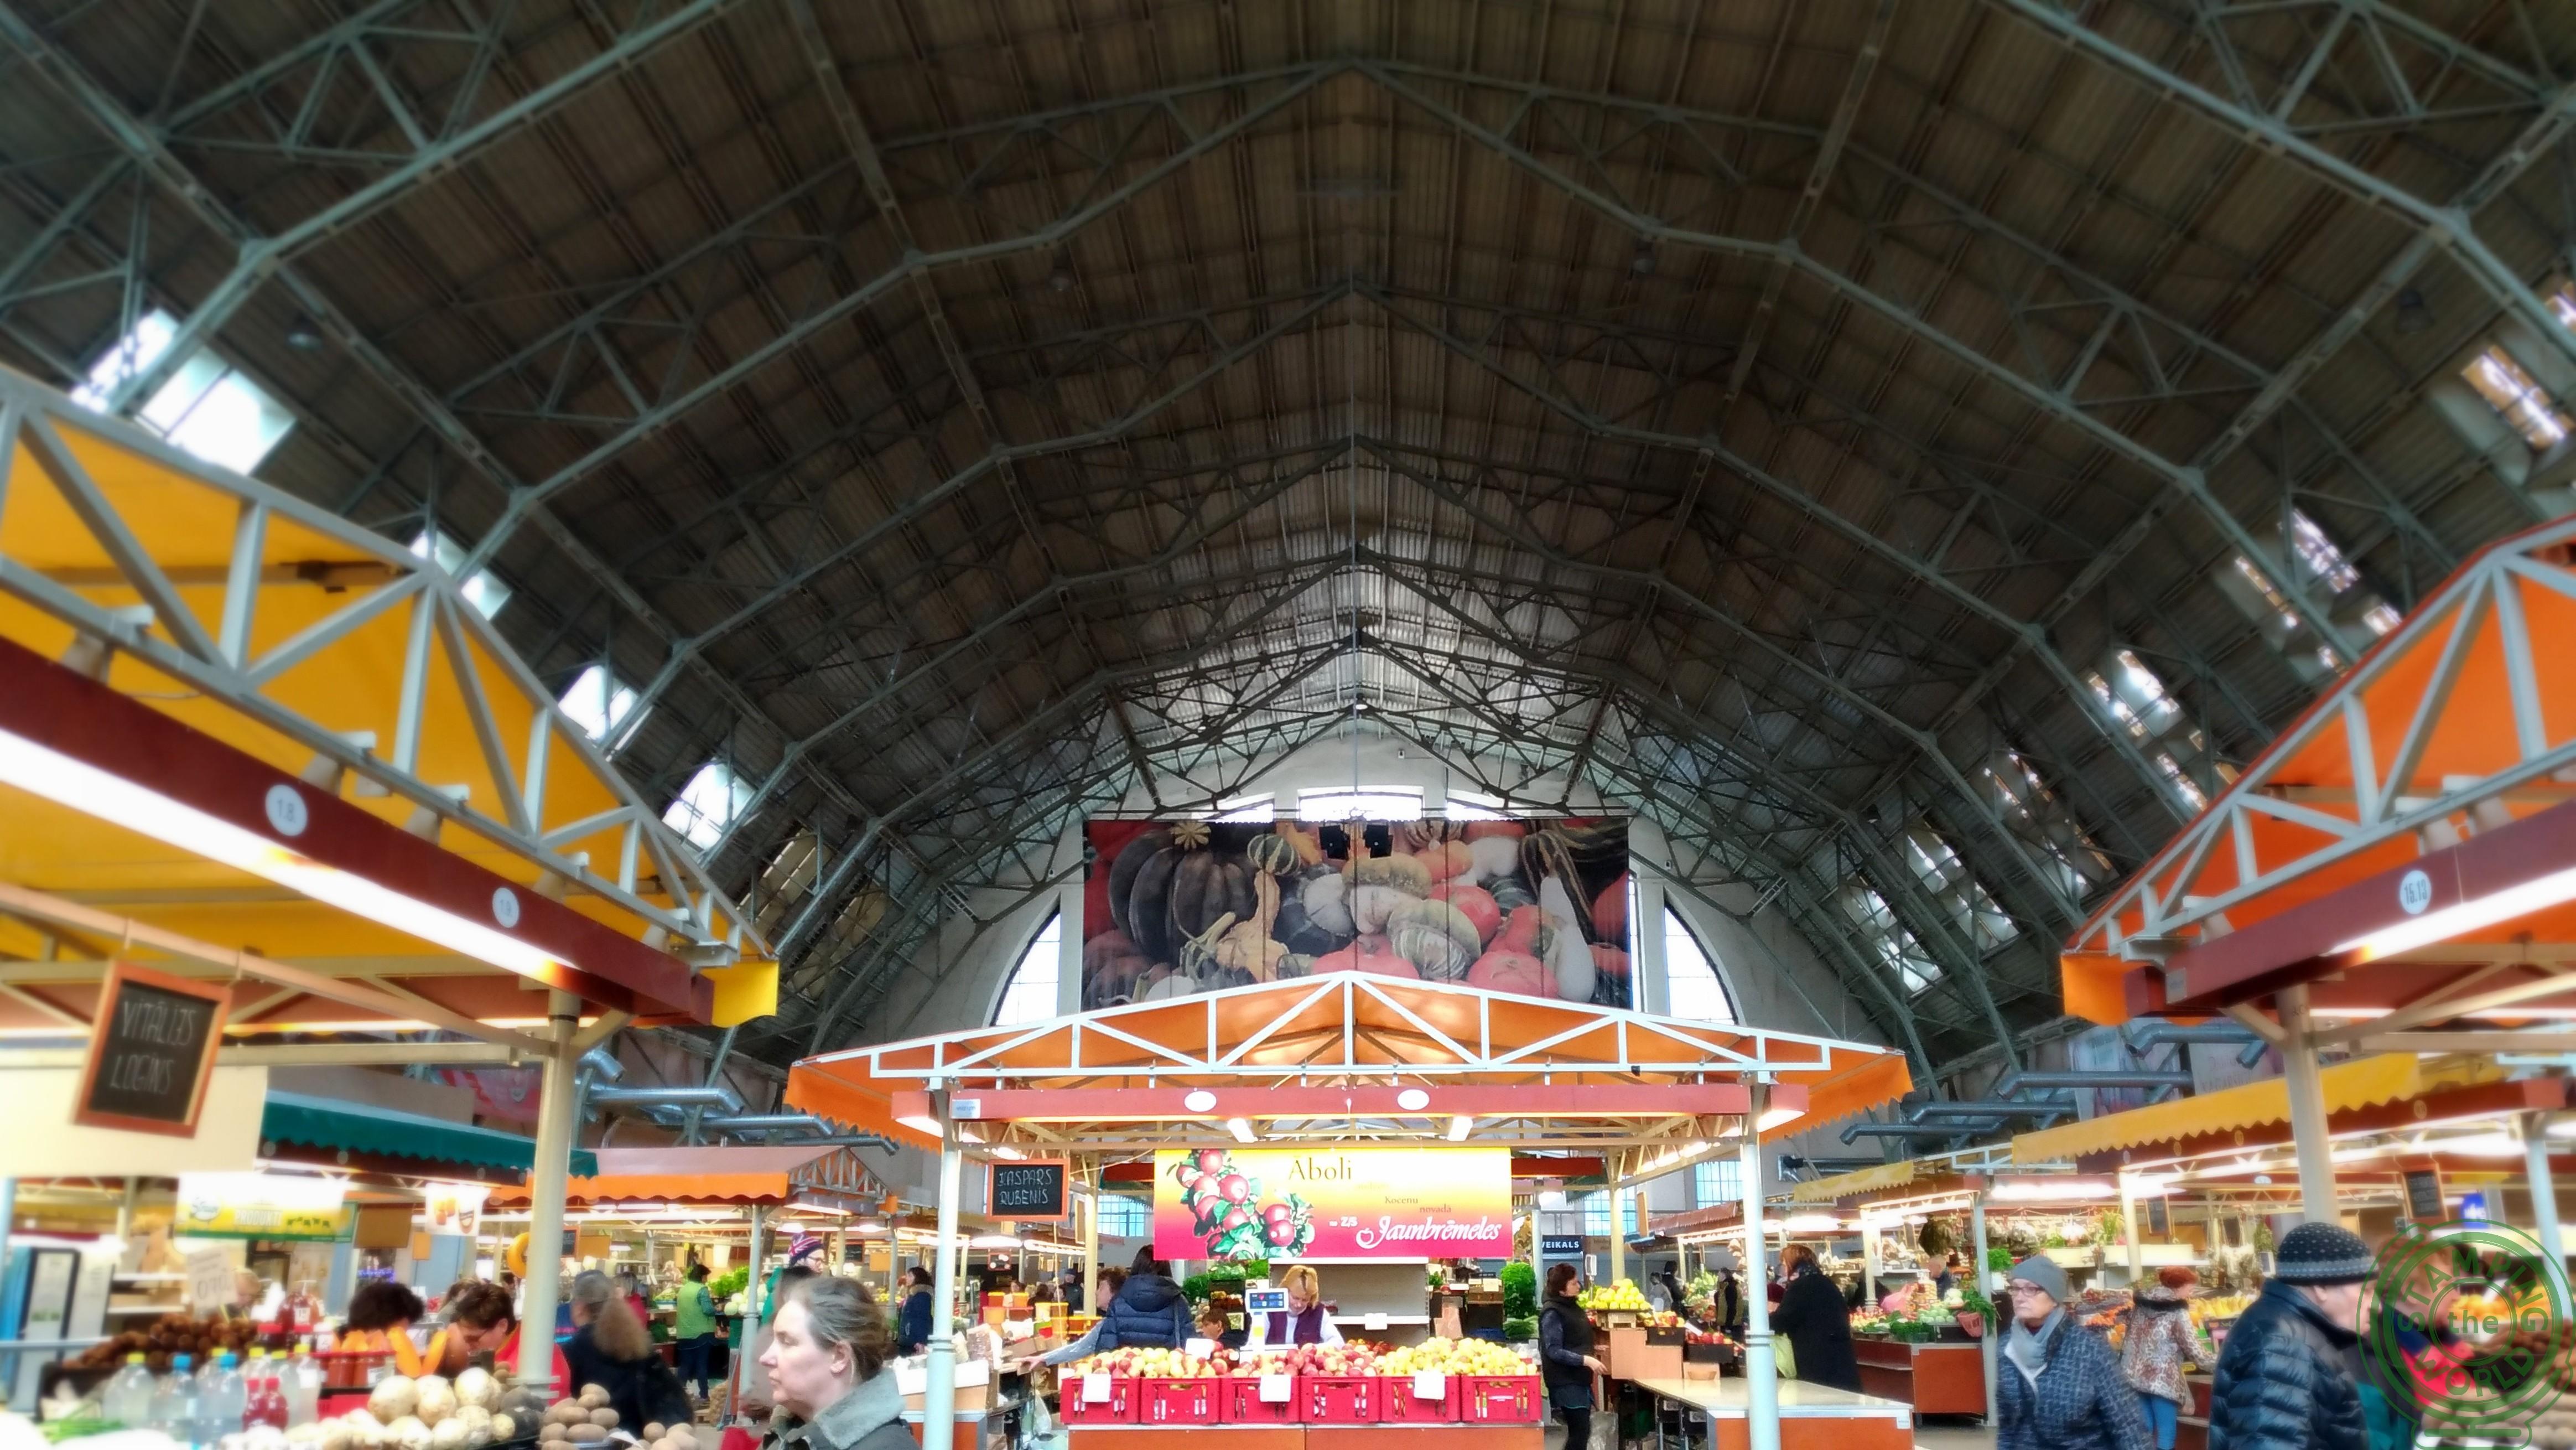 il mercato centrale di Riga - veduta generale